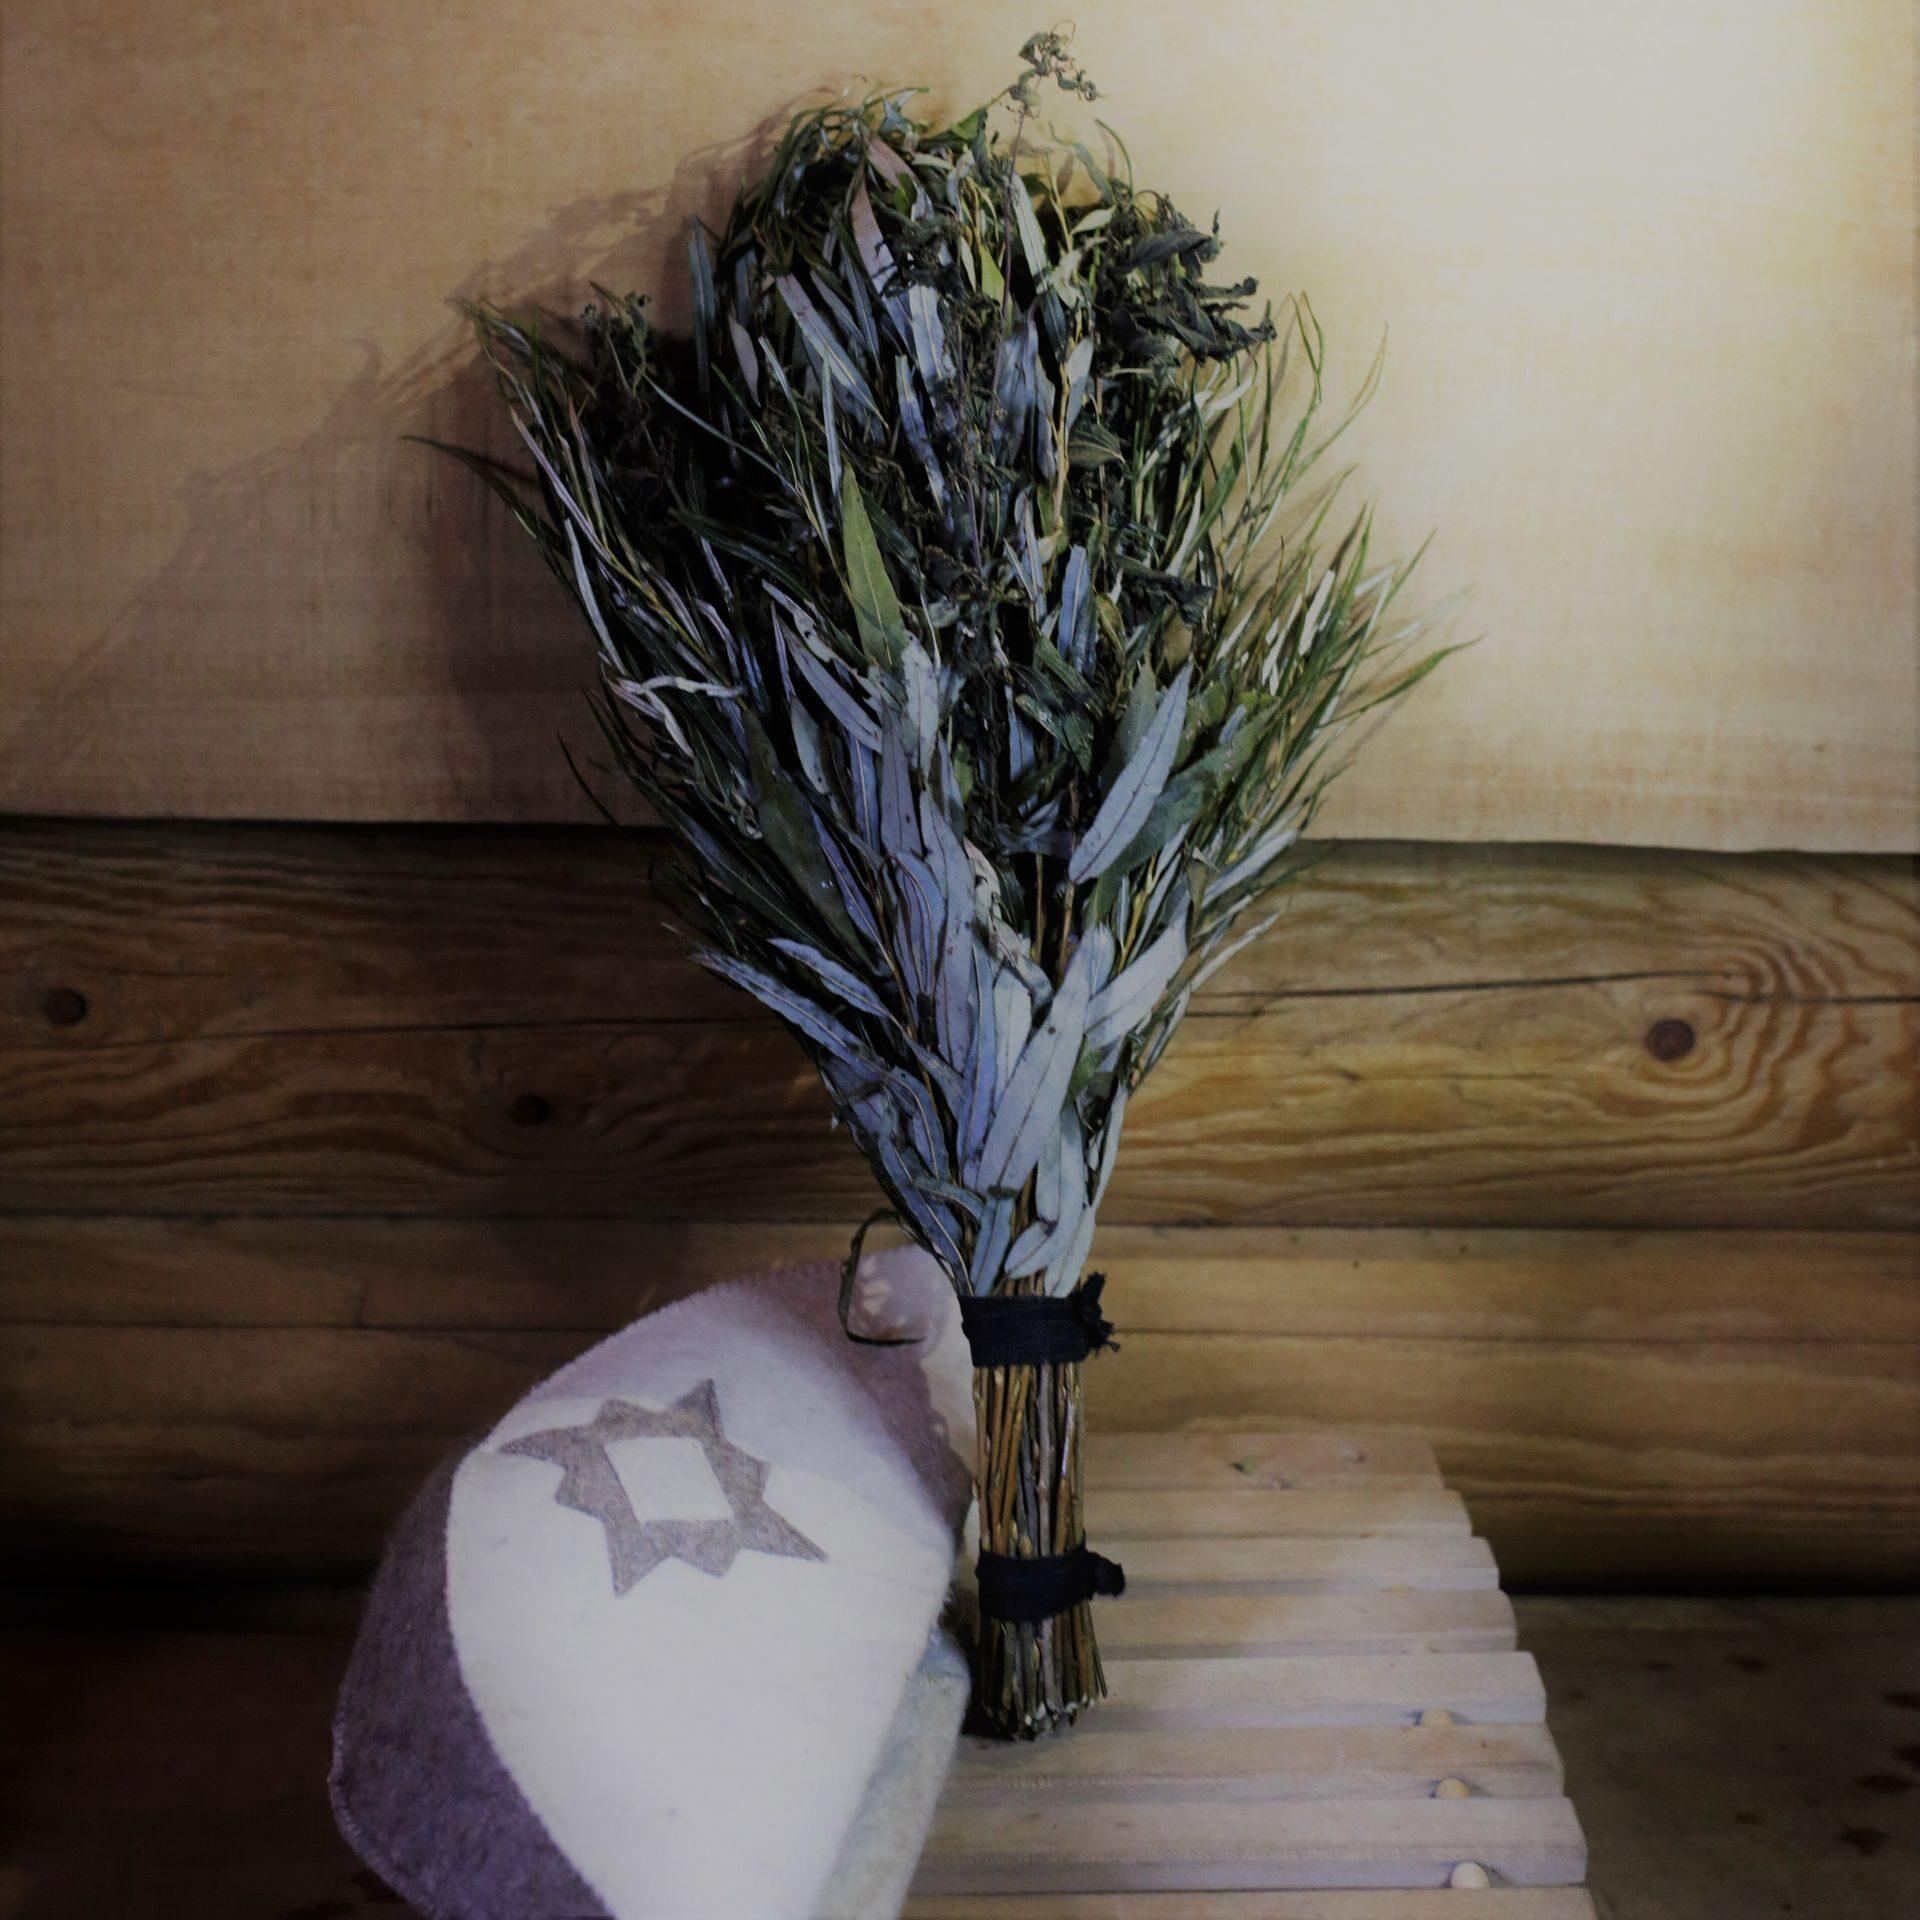 Веник из крапивы для бани - заготовка, сушка, применение! 98